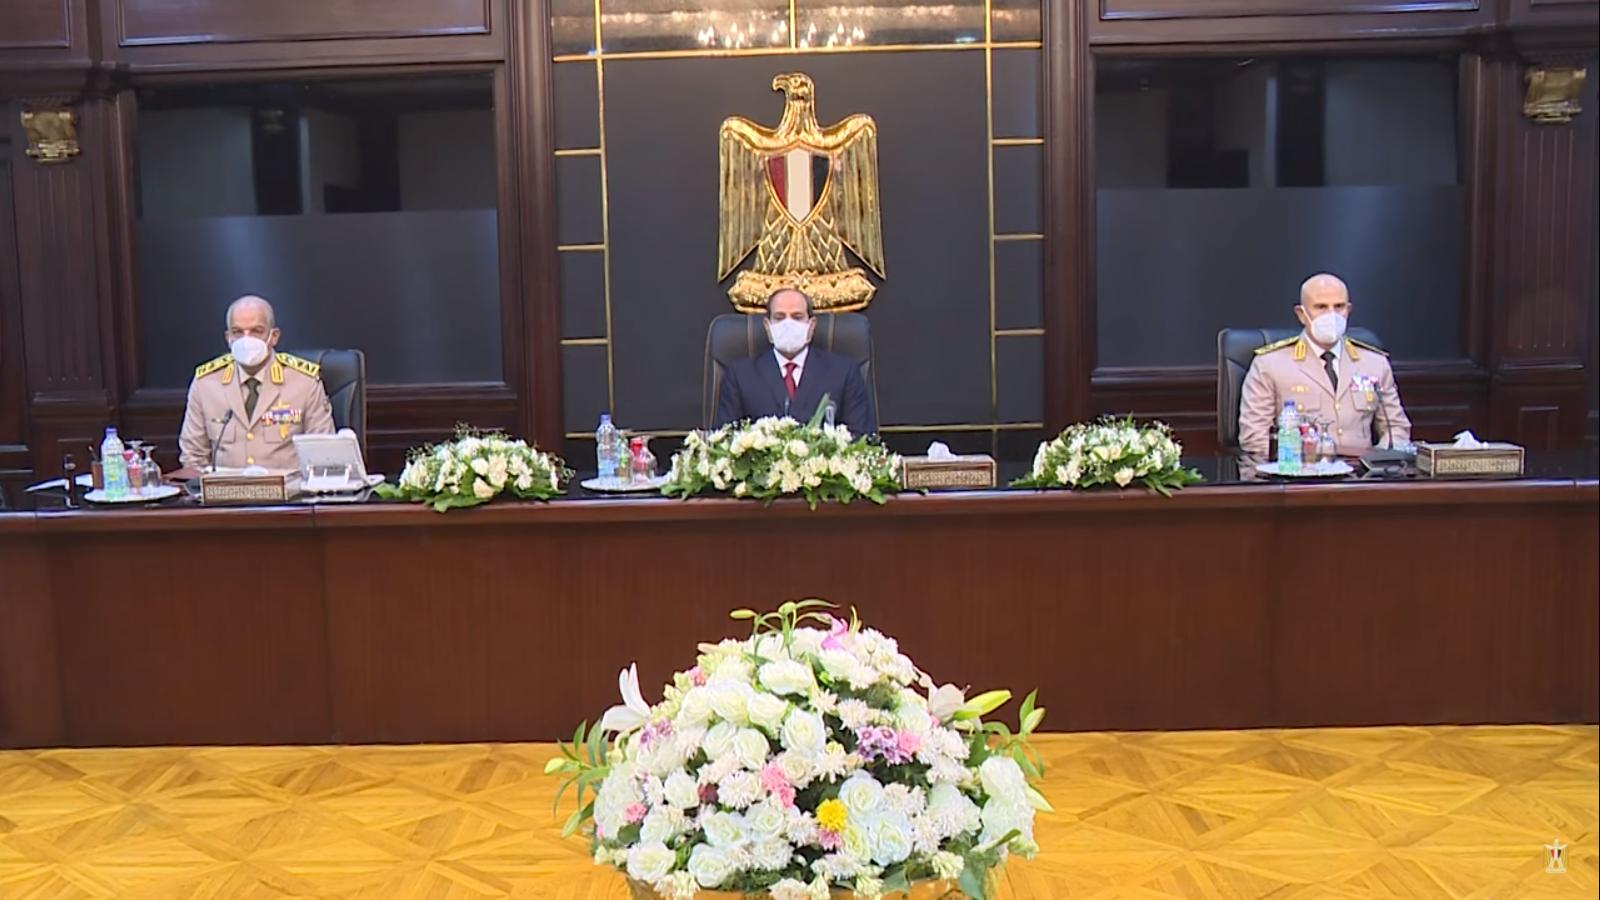 السيسى يترأس اجتماع المجلس الأعلى للقوات المسلحة لمناقشة مكافحة الإرهاب (2)